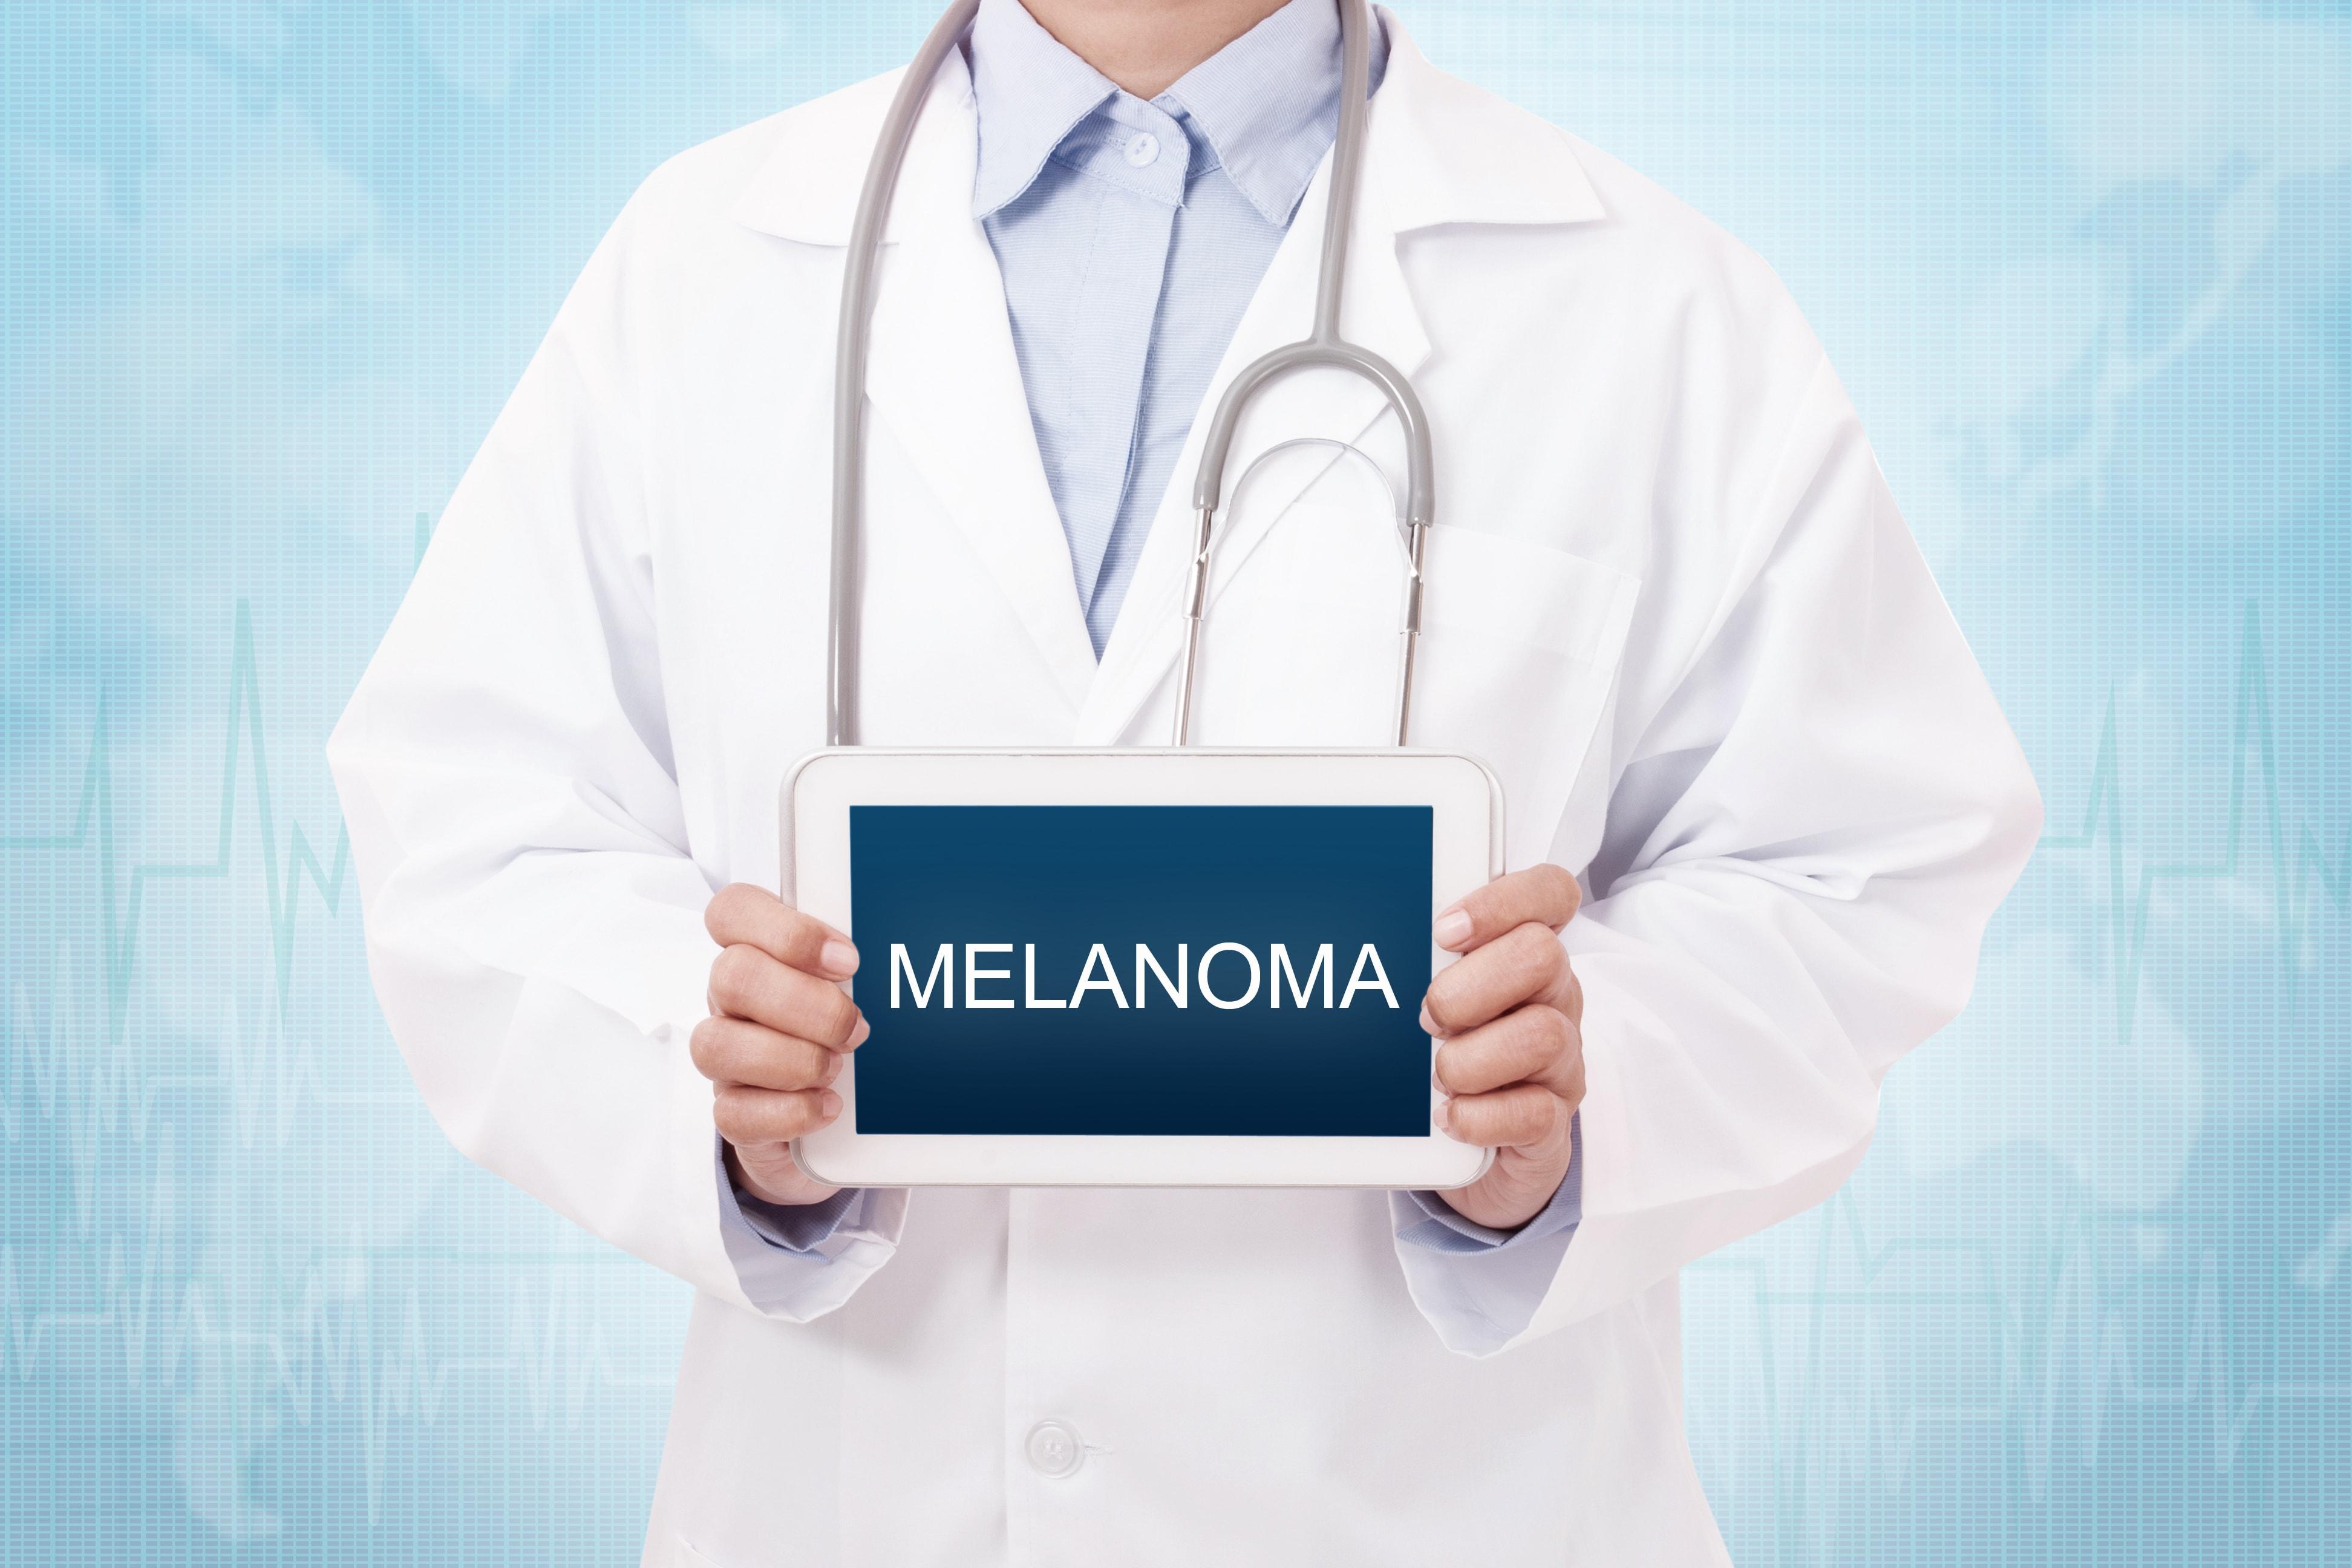 melanomaと書かれたものを持つ医師